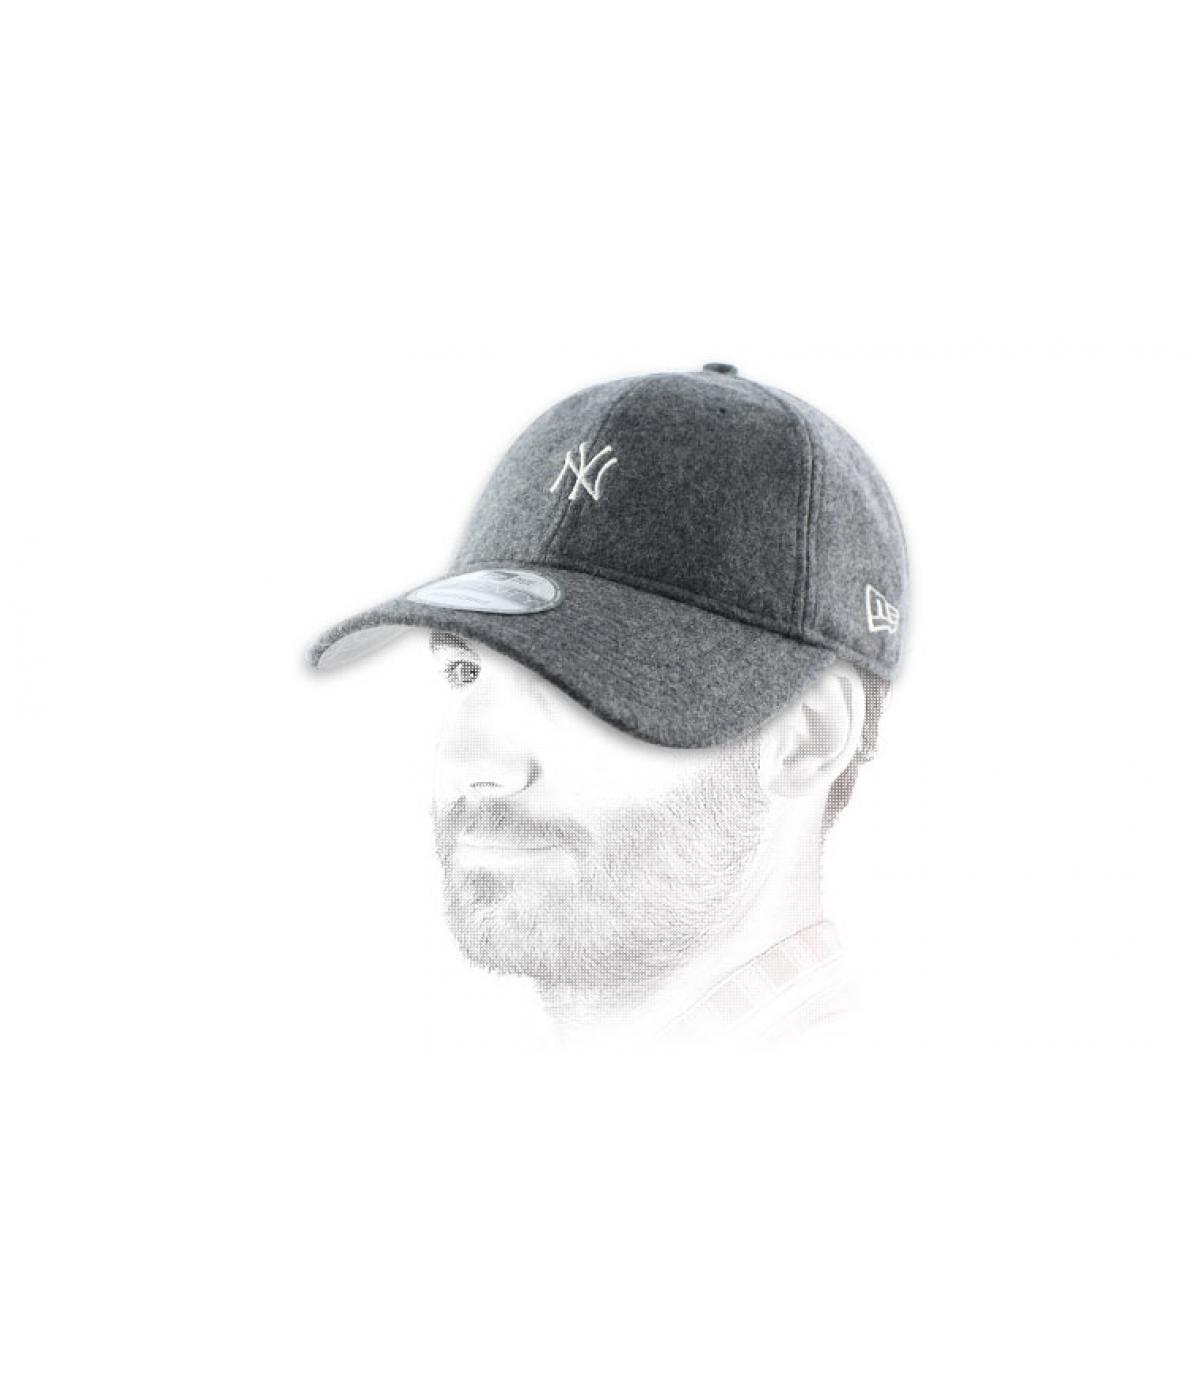 Gray wool NY cap